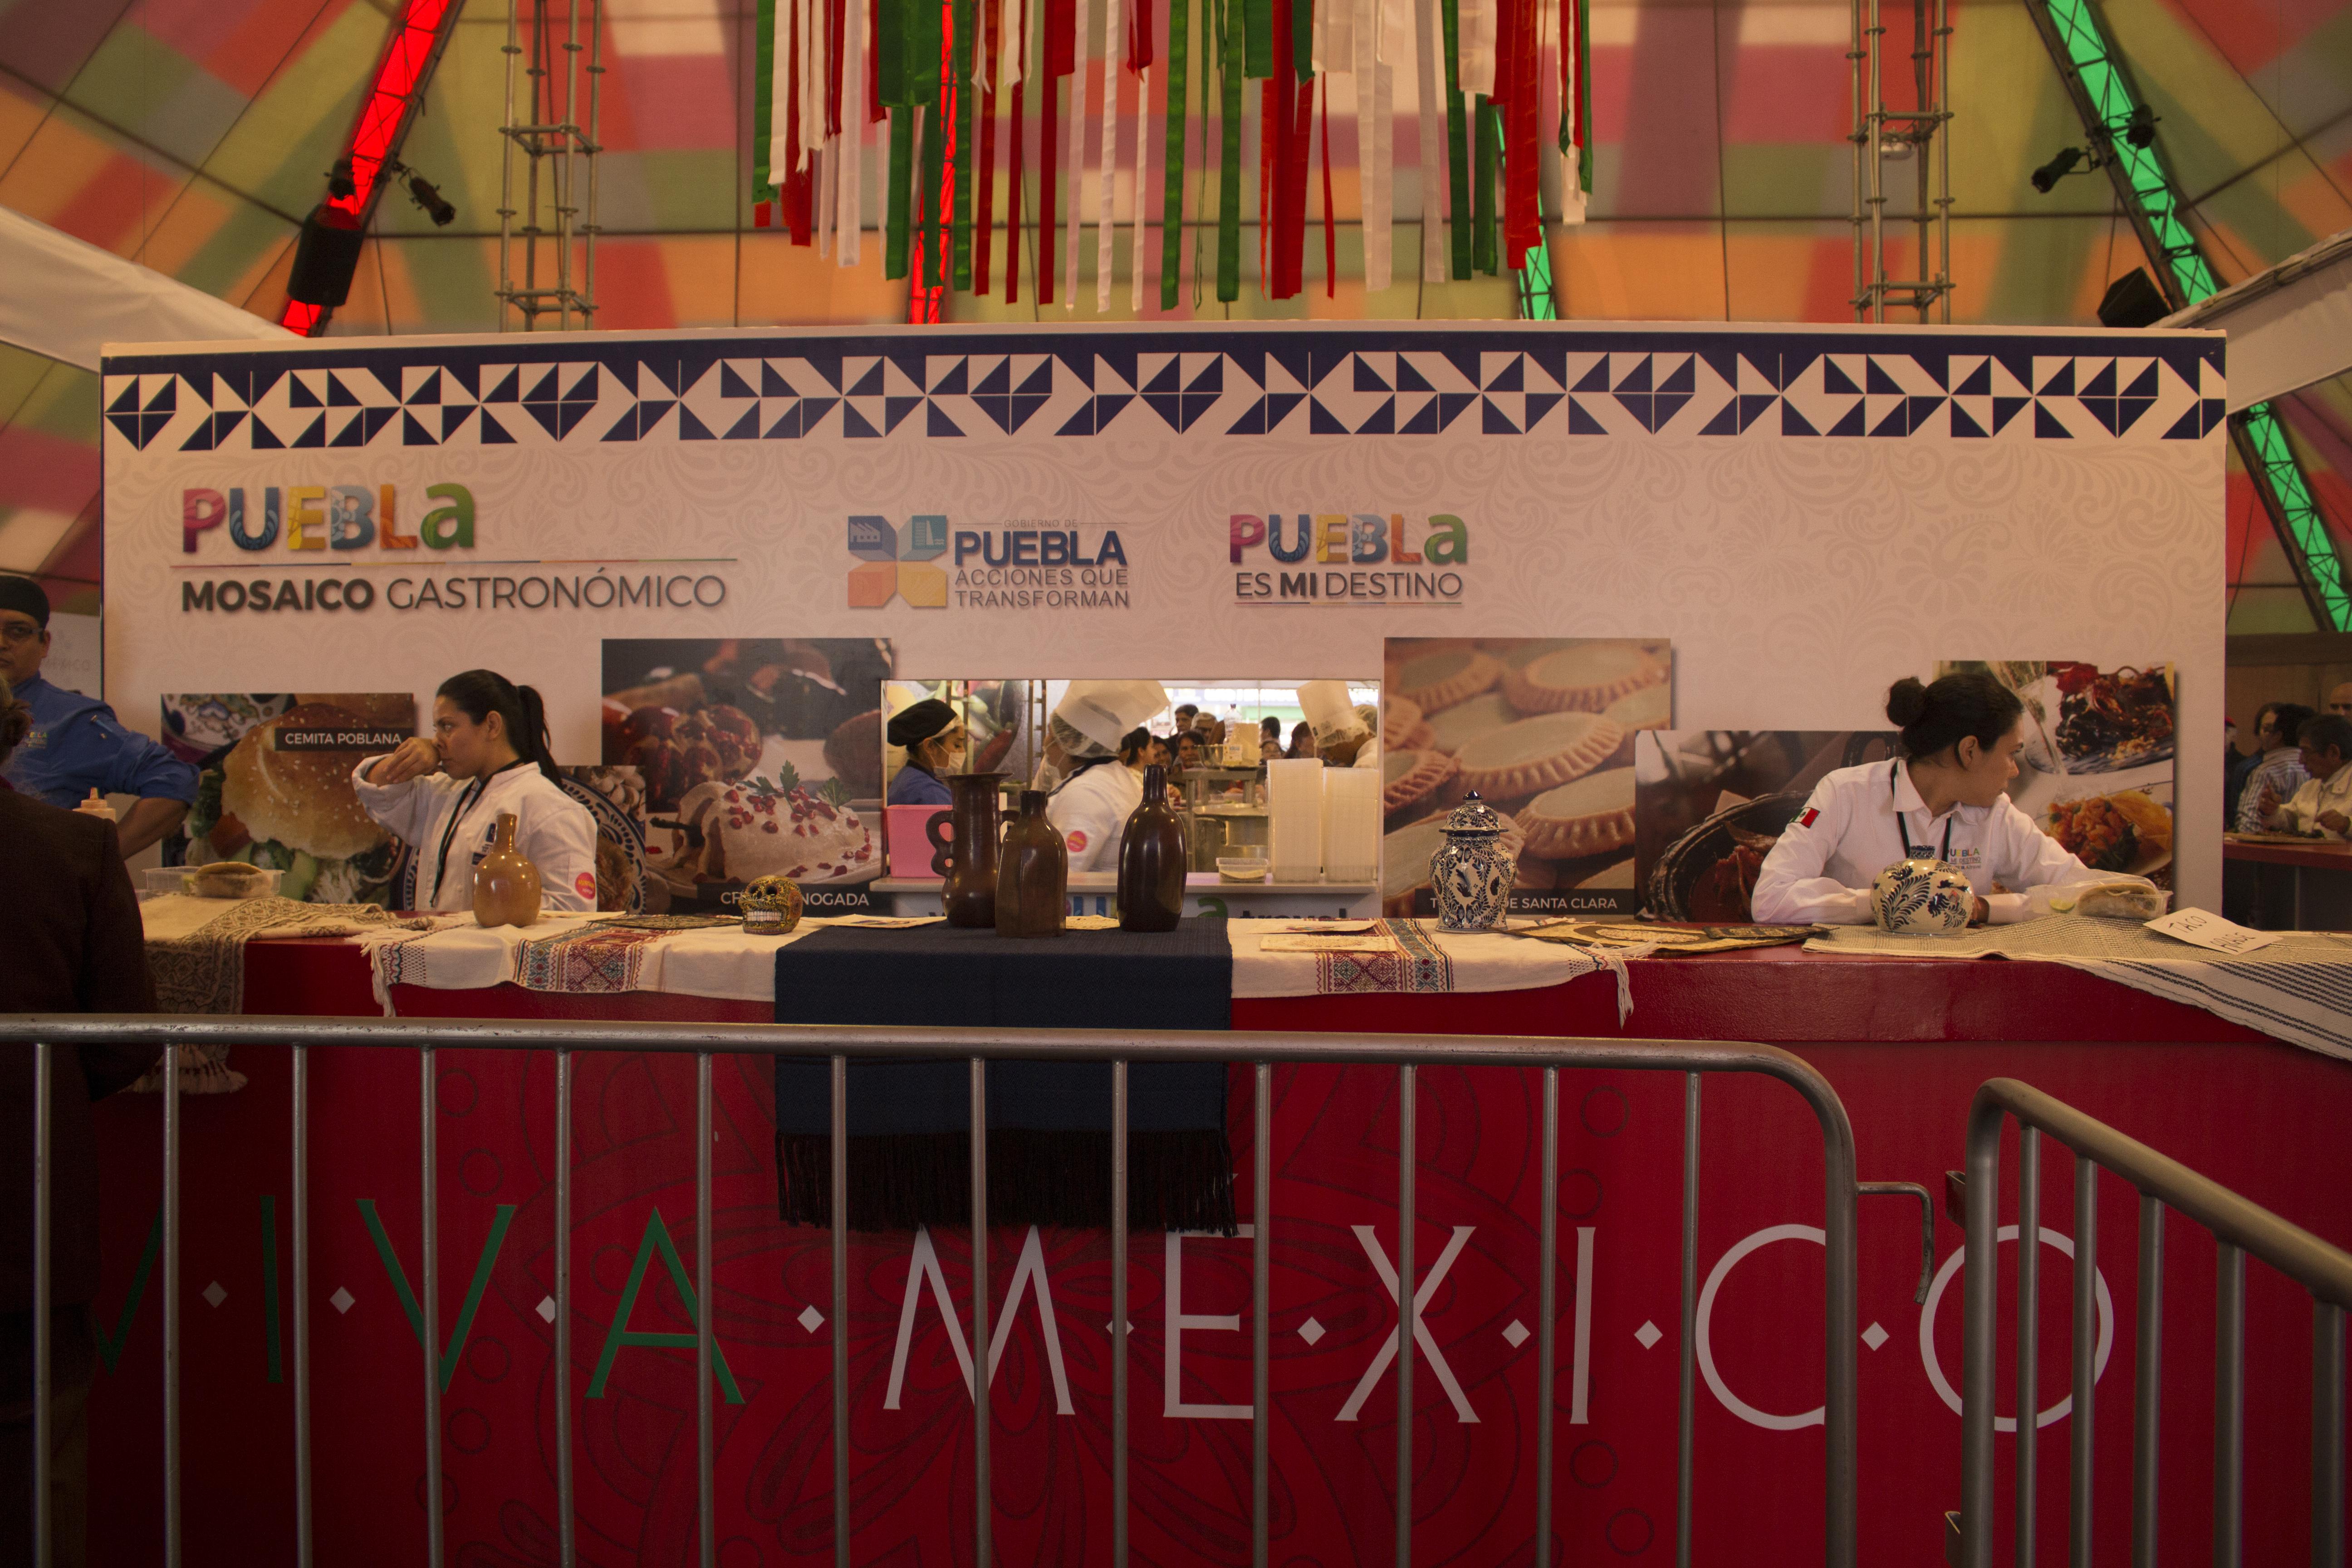 foto 5 MEXICO.jpg